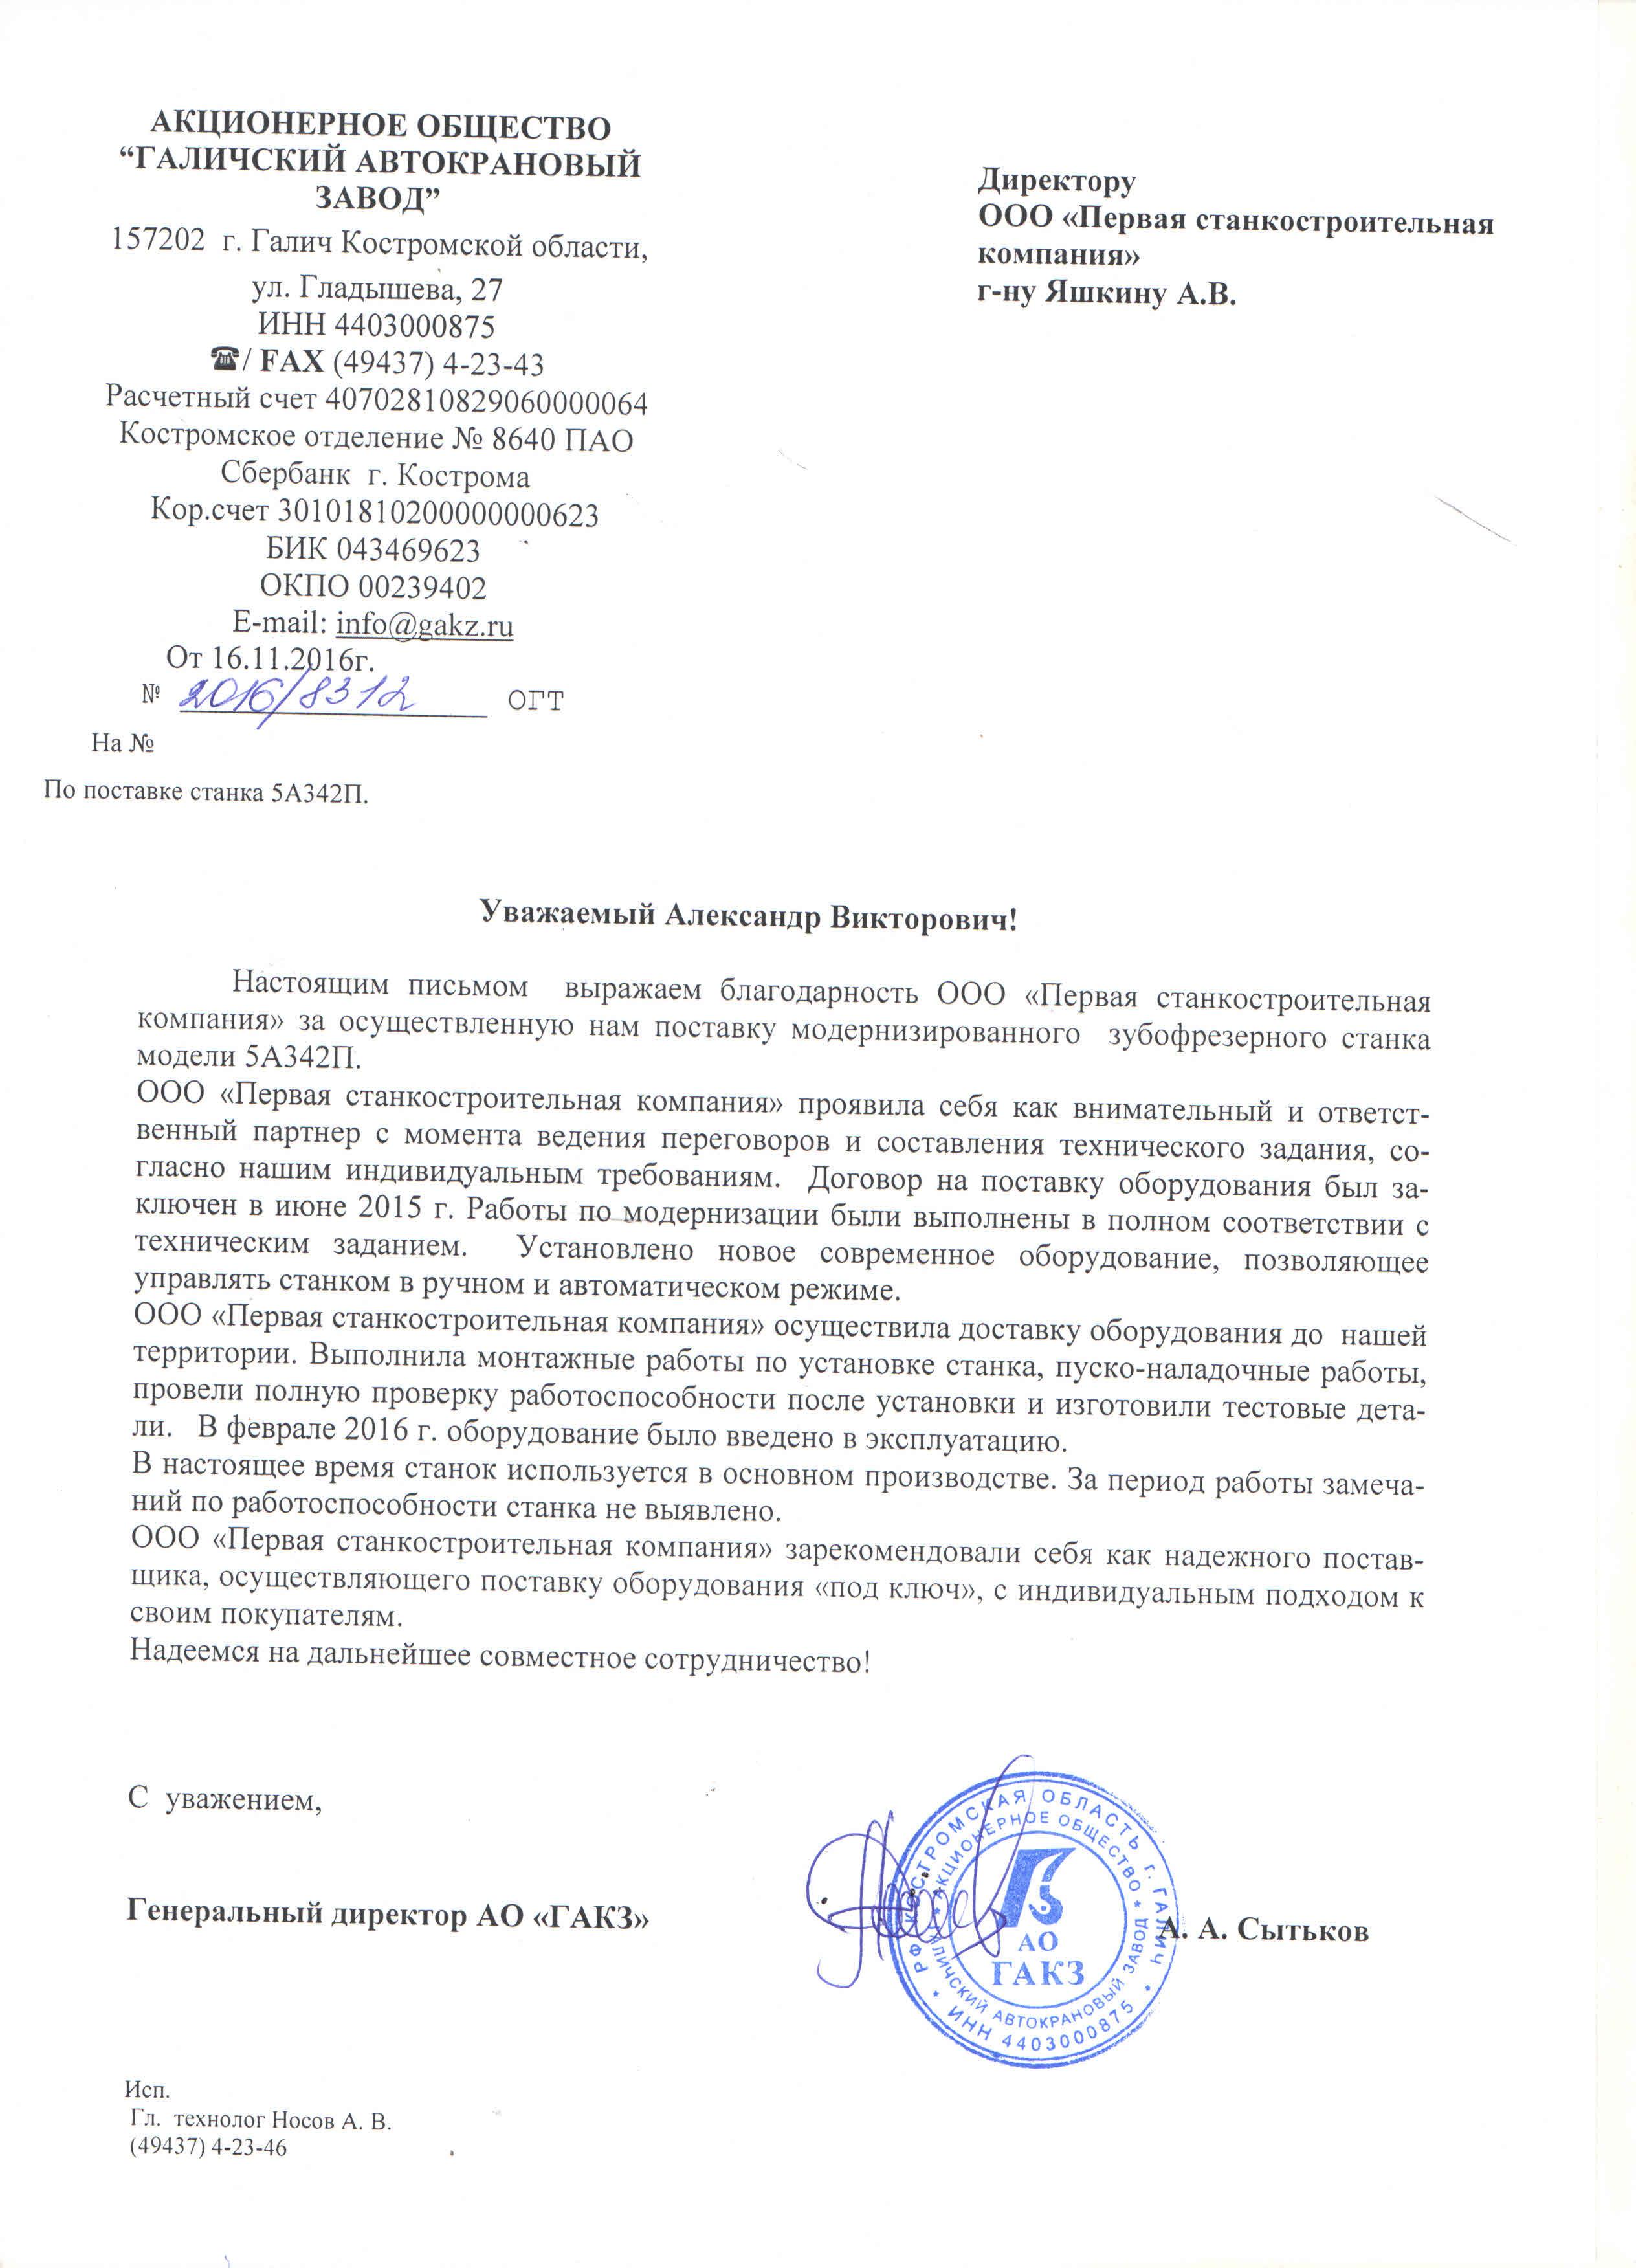 АО Галичский крановый завод